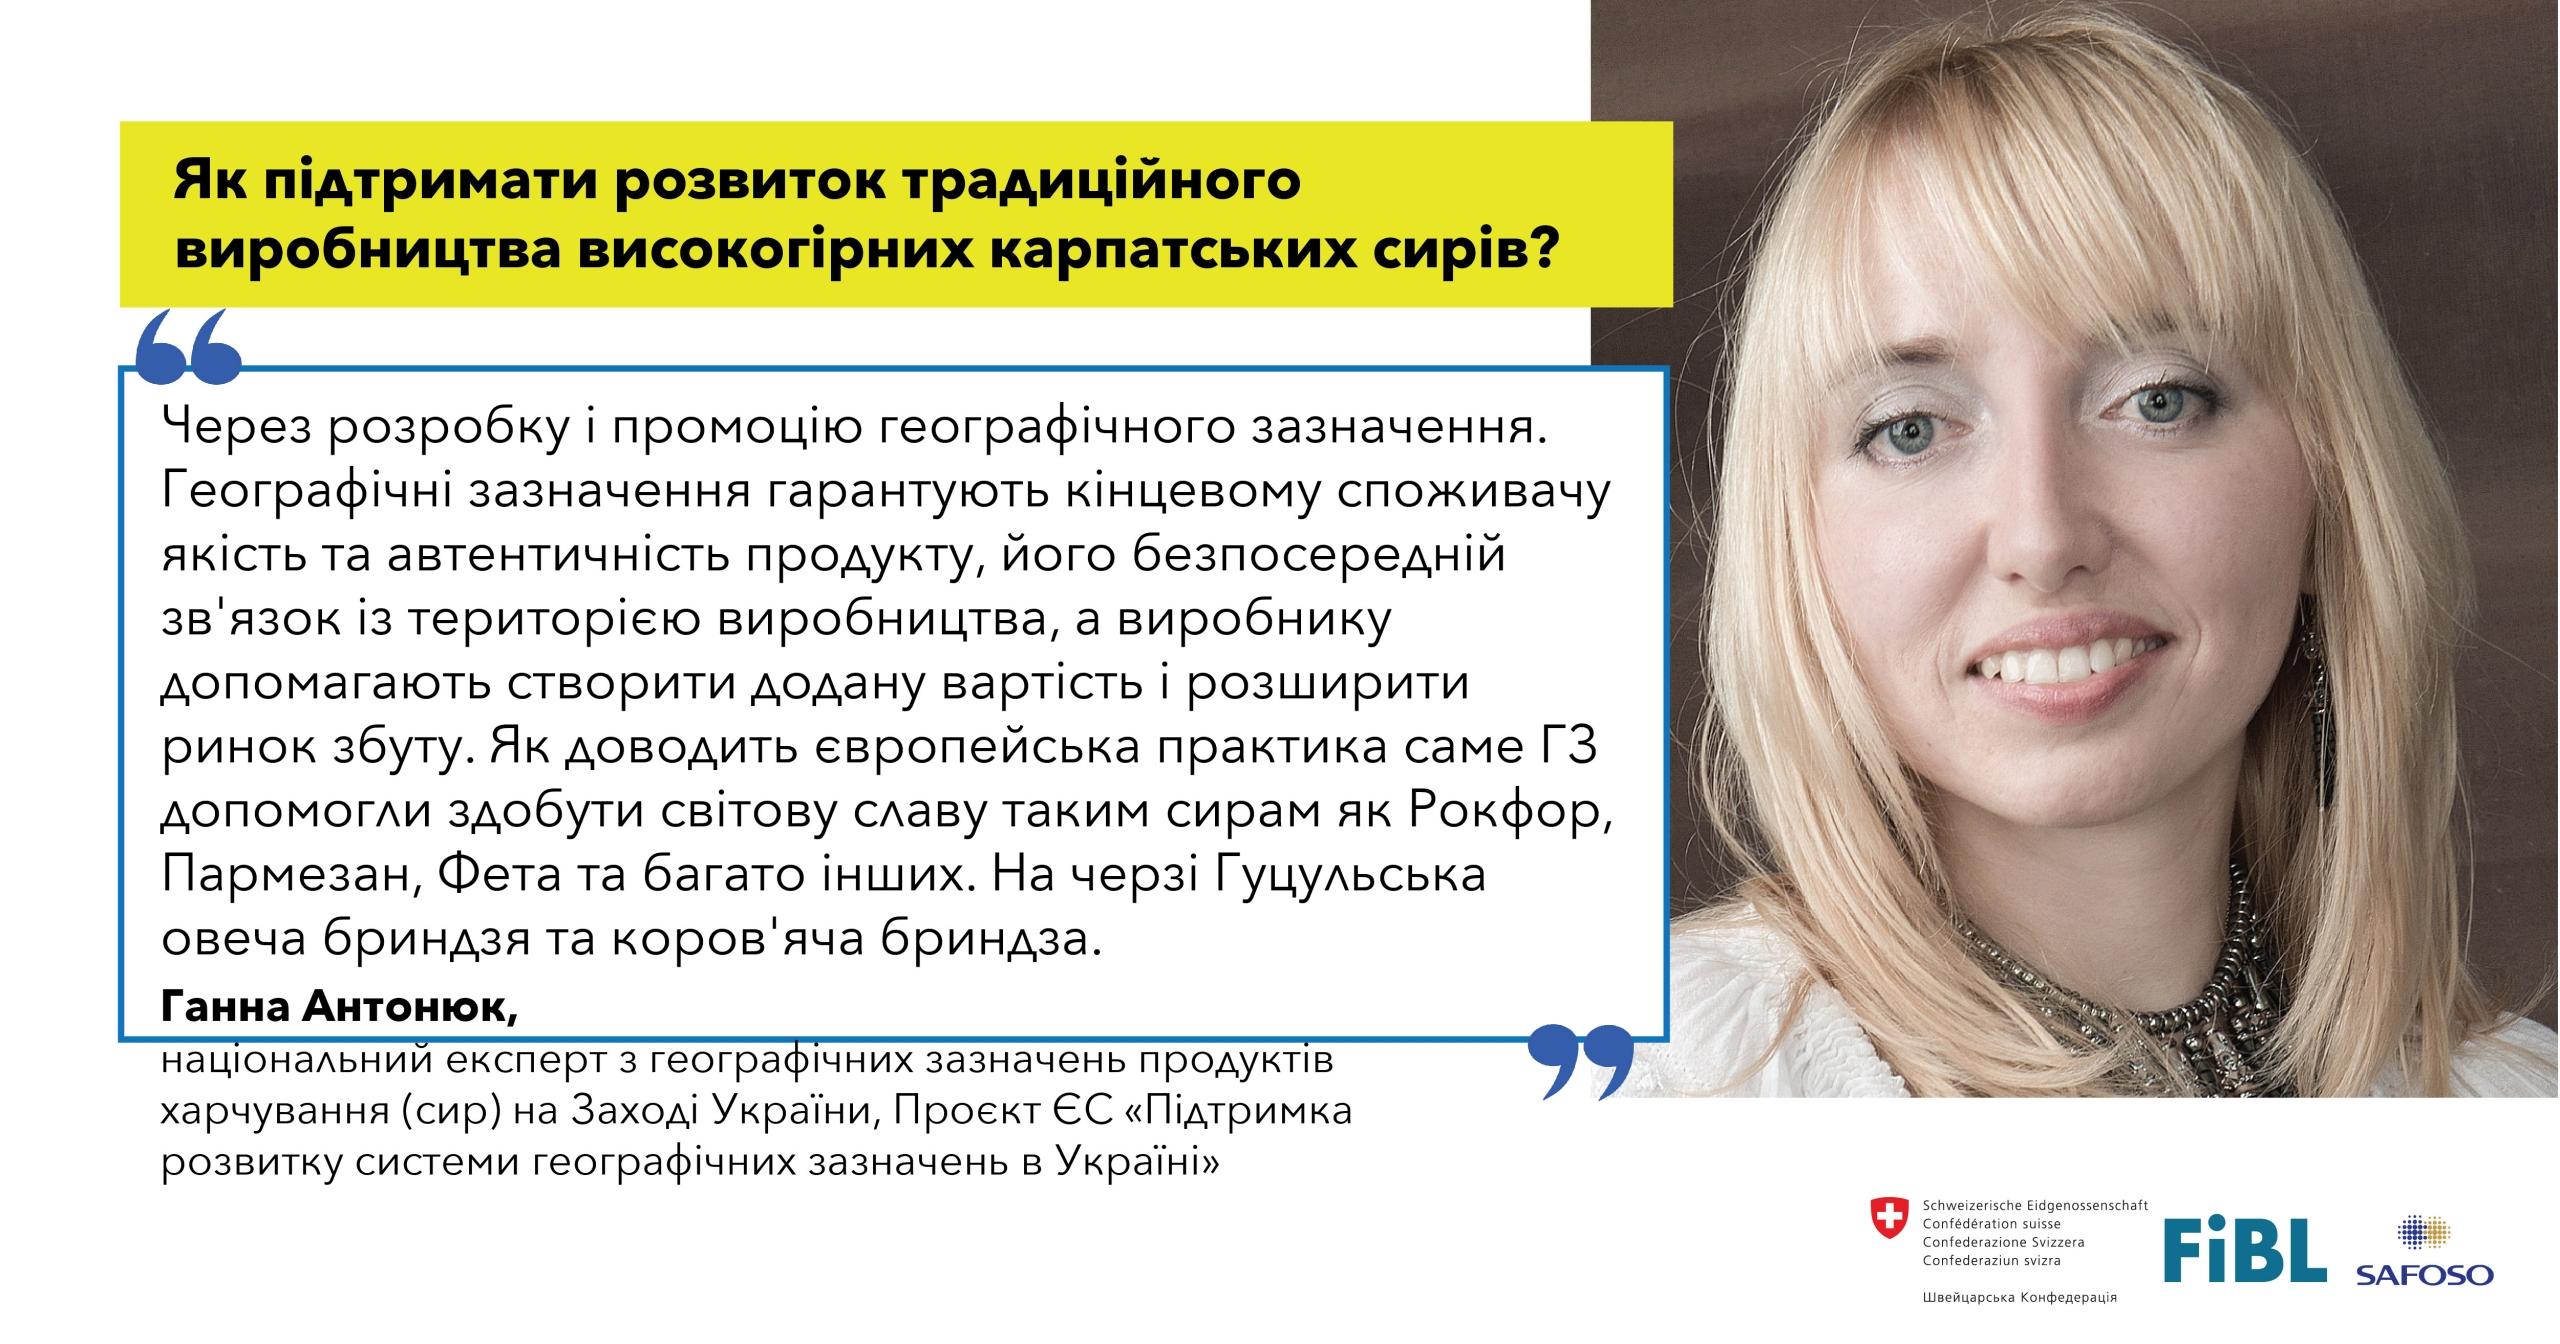 Ганна Антонюк